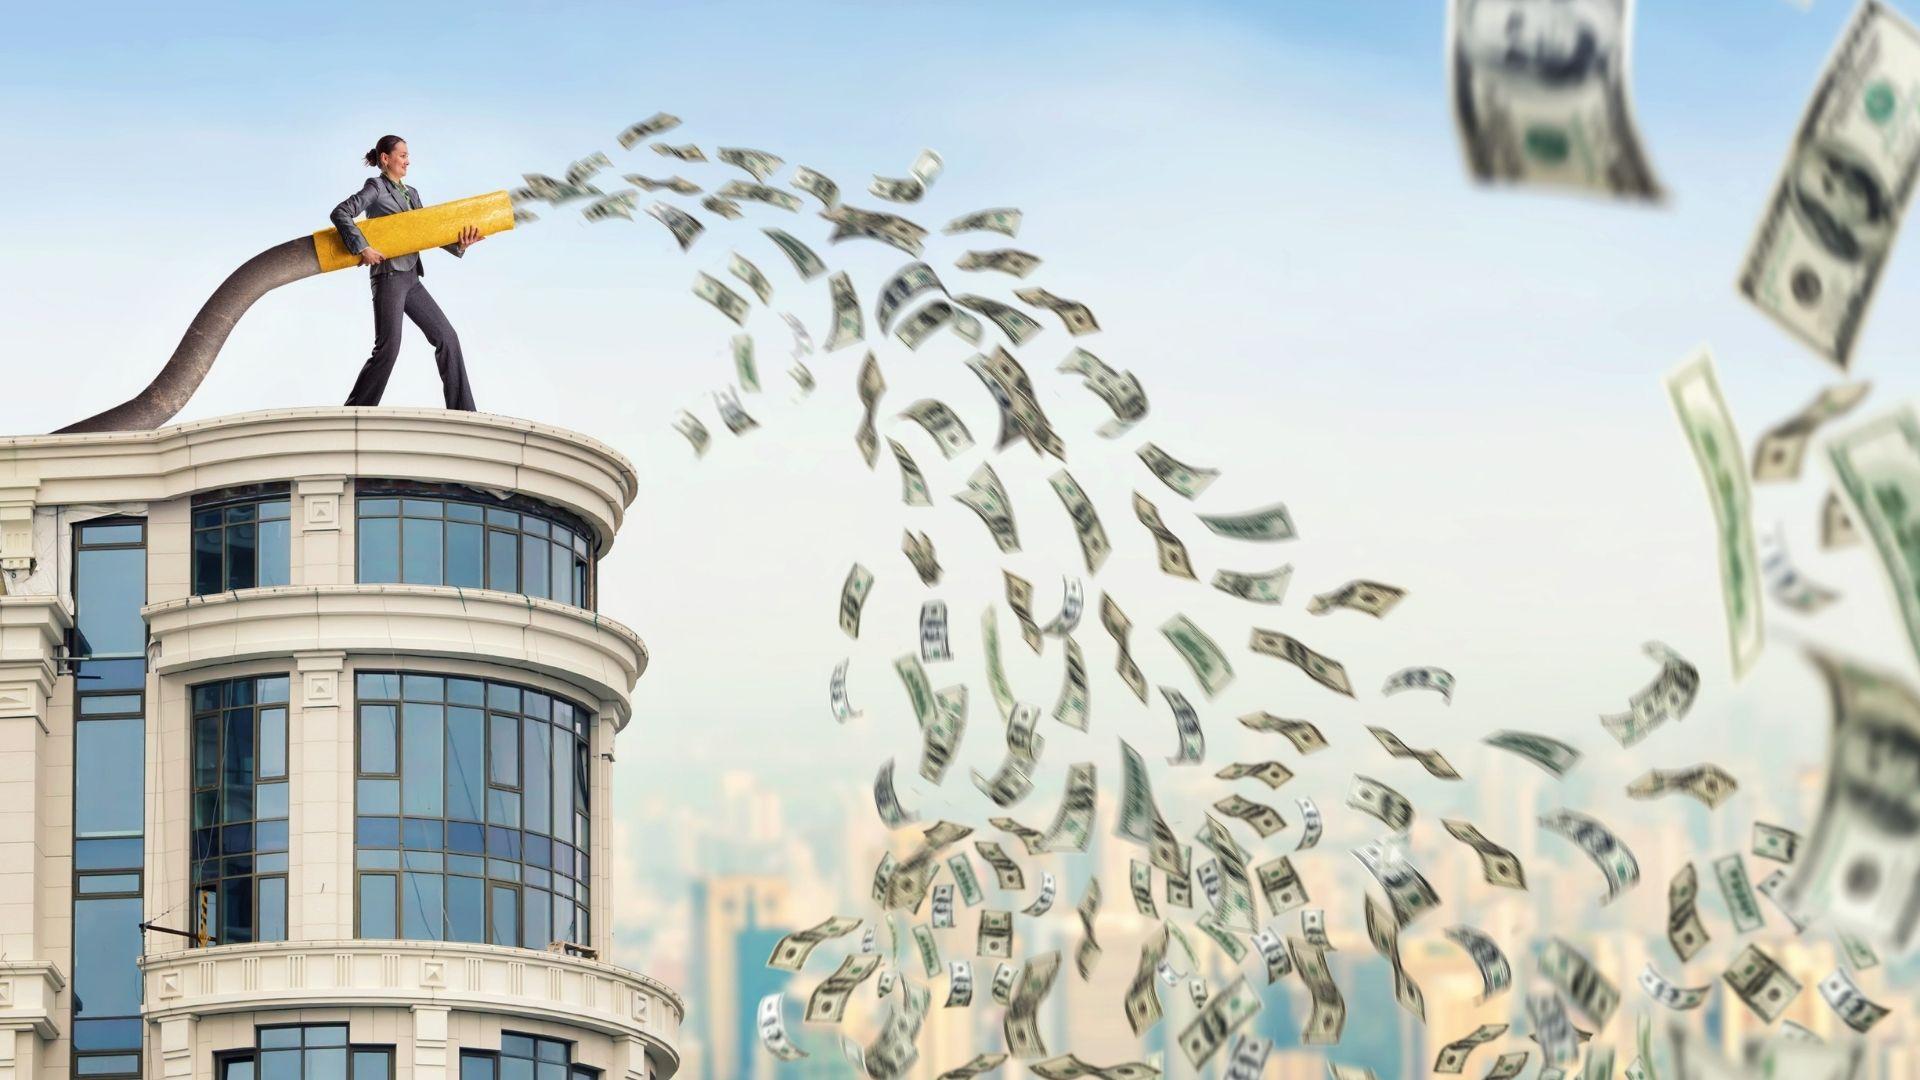 La théorie monétaire moderne, renouveau salvateur ou dangereuse illusion ? | Oeconomicus